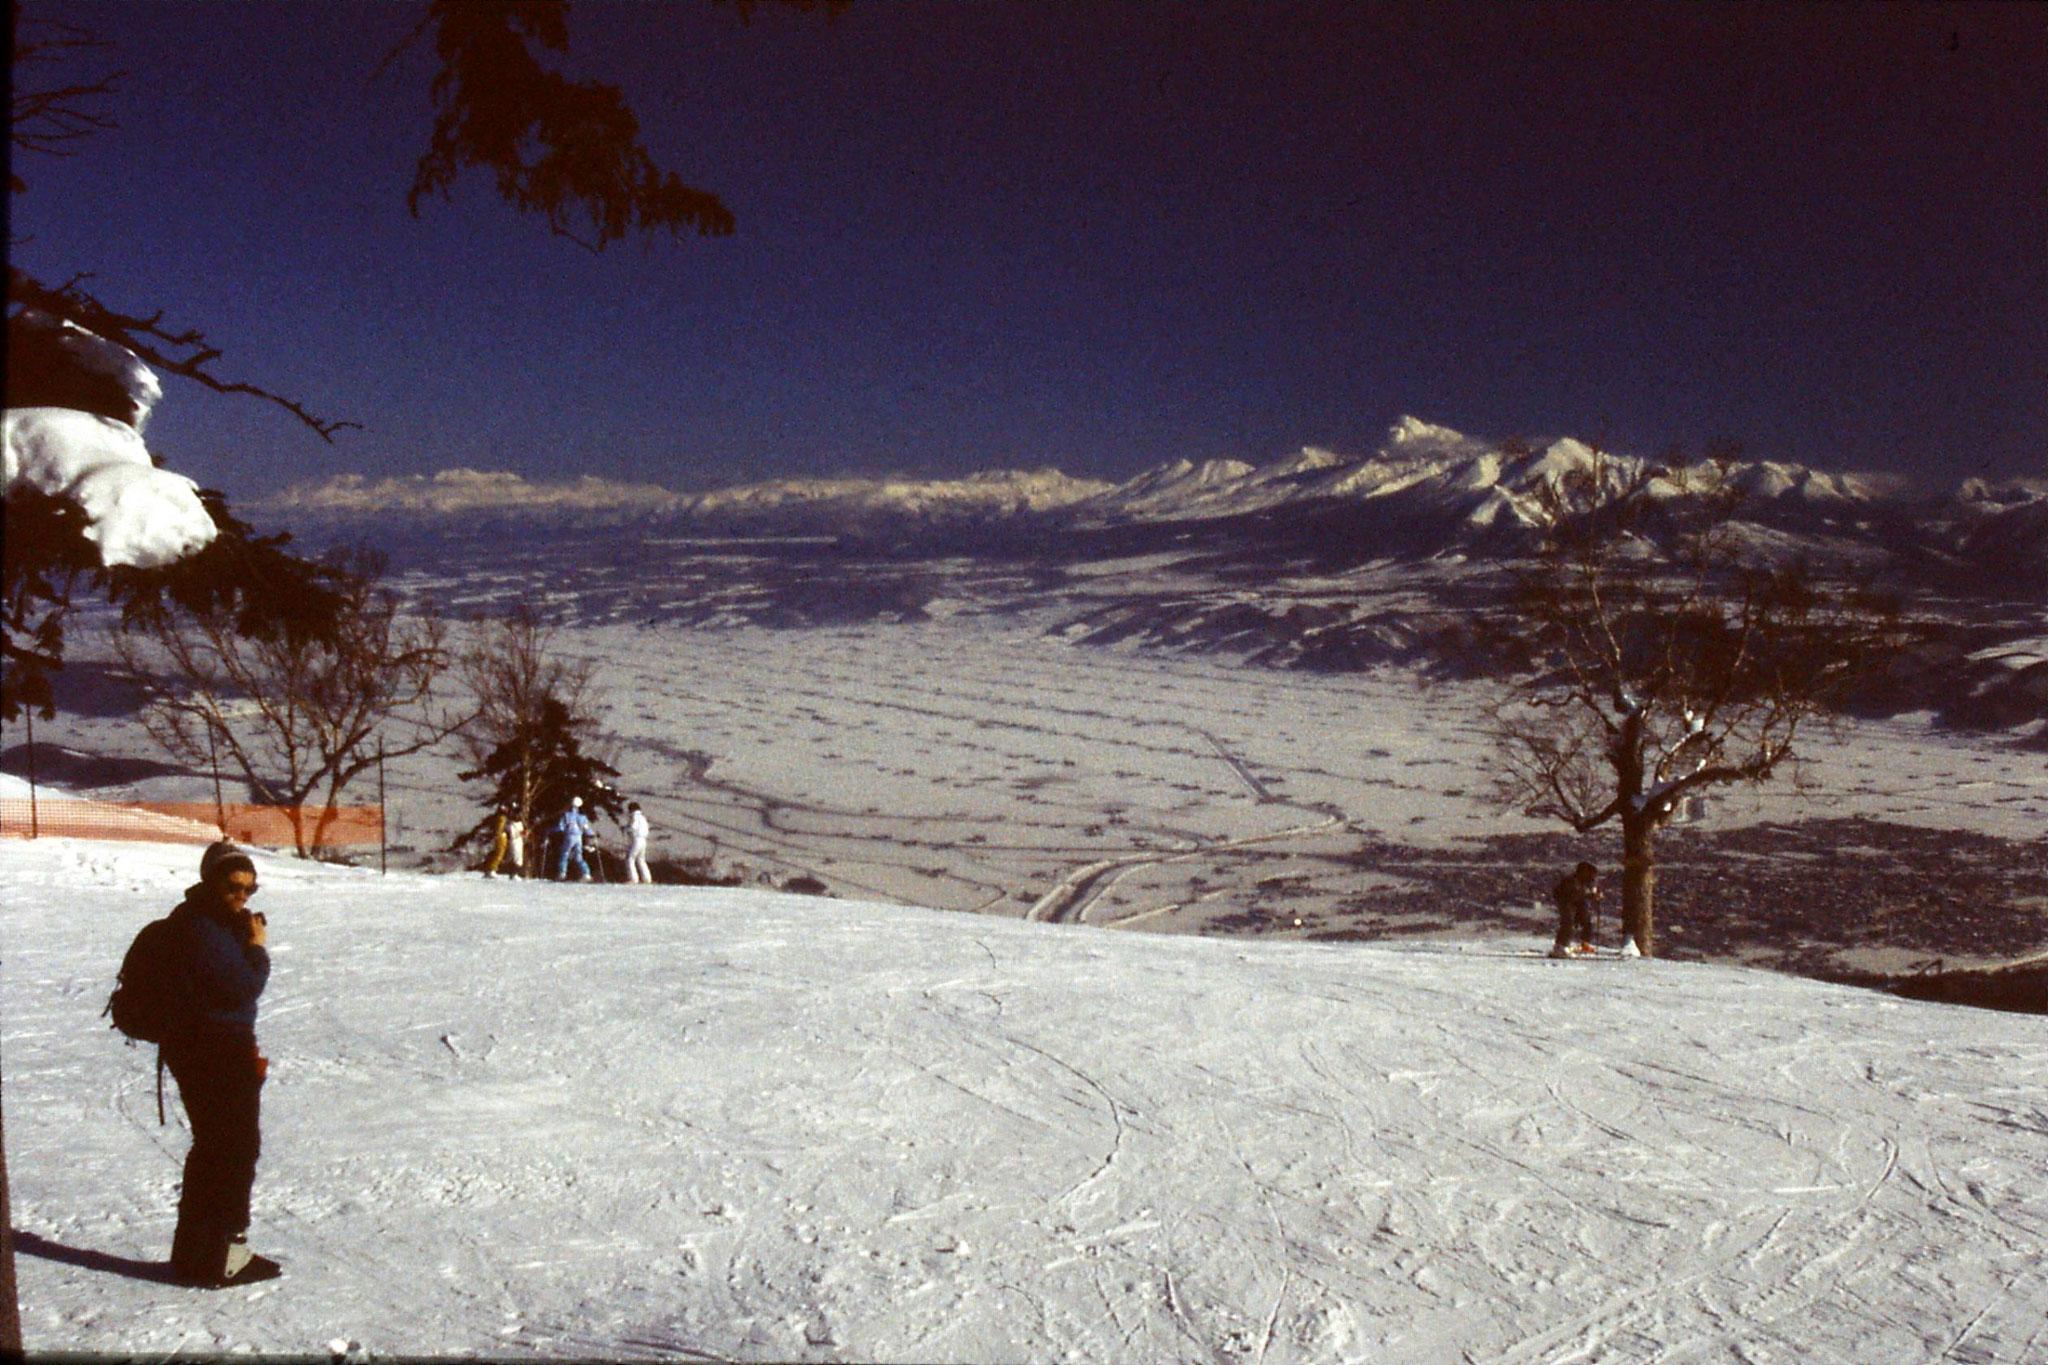 13/1/1989: 23: Furano ski resort